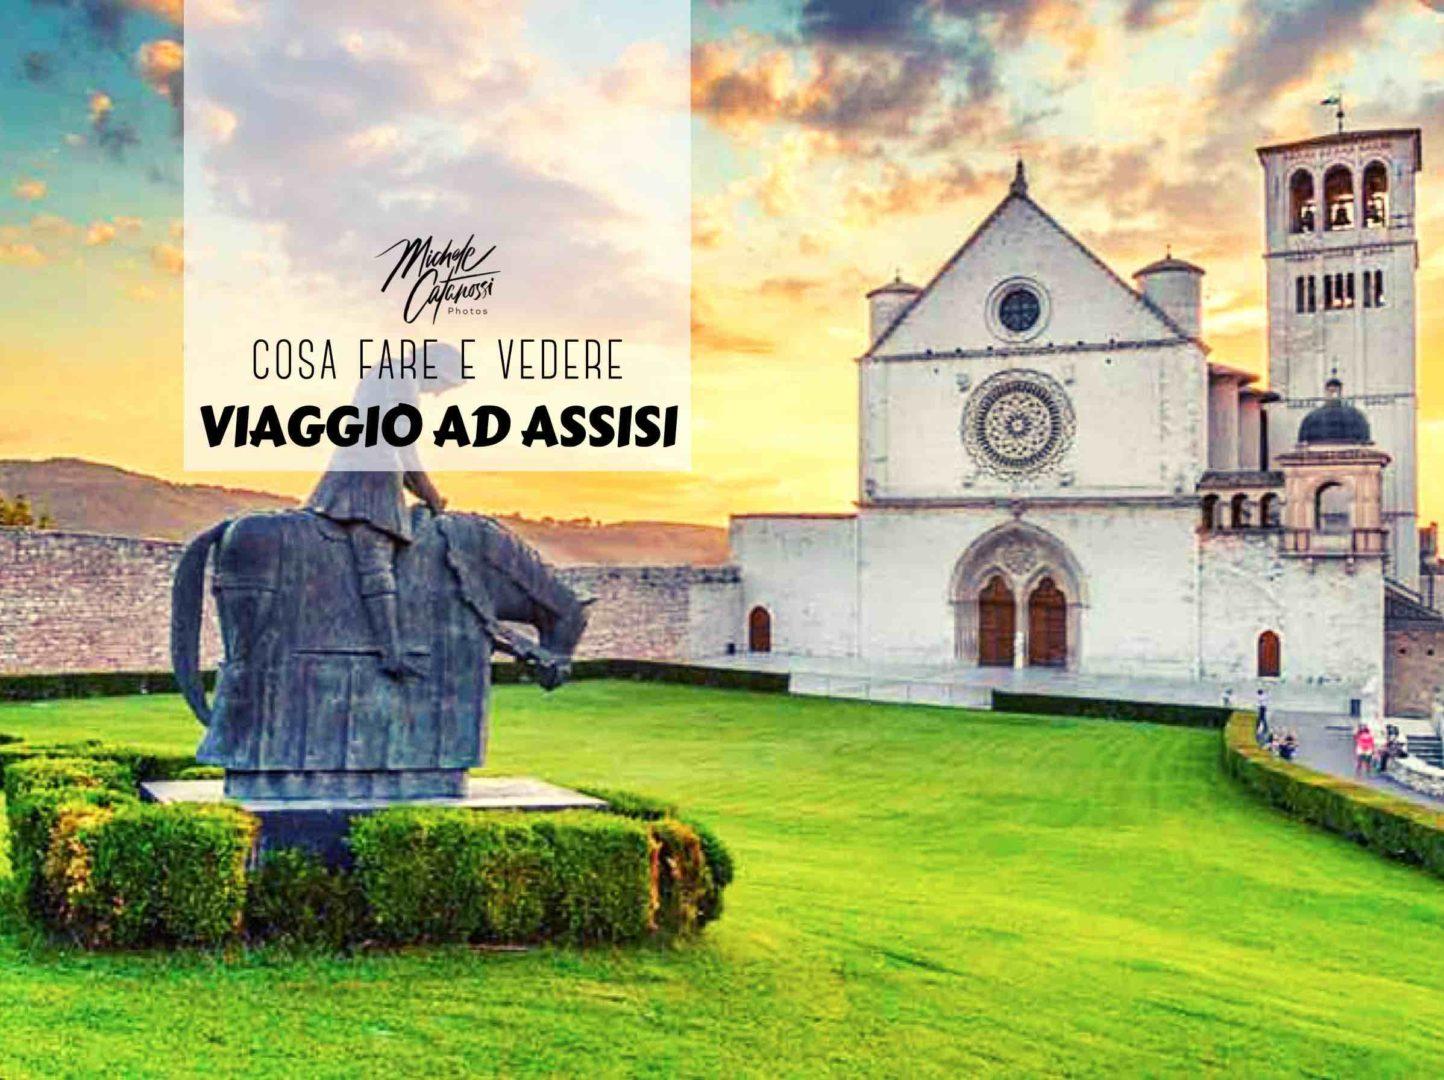 Viaggio ad Assisi, cosa fare e vedere nella città di San Francesco.